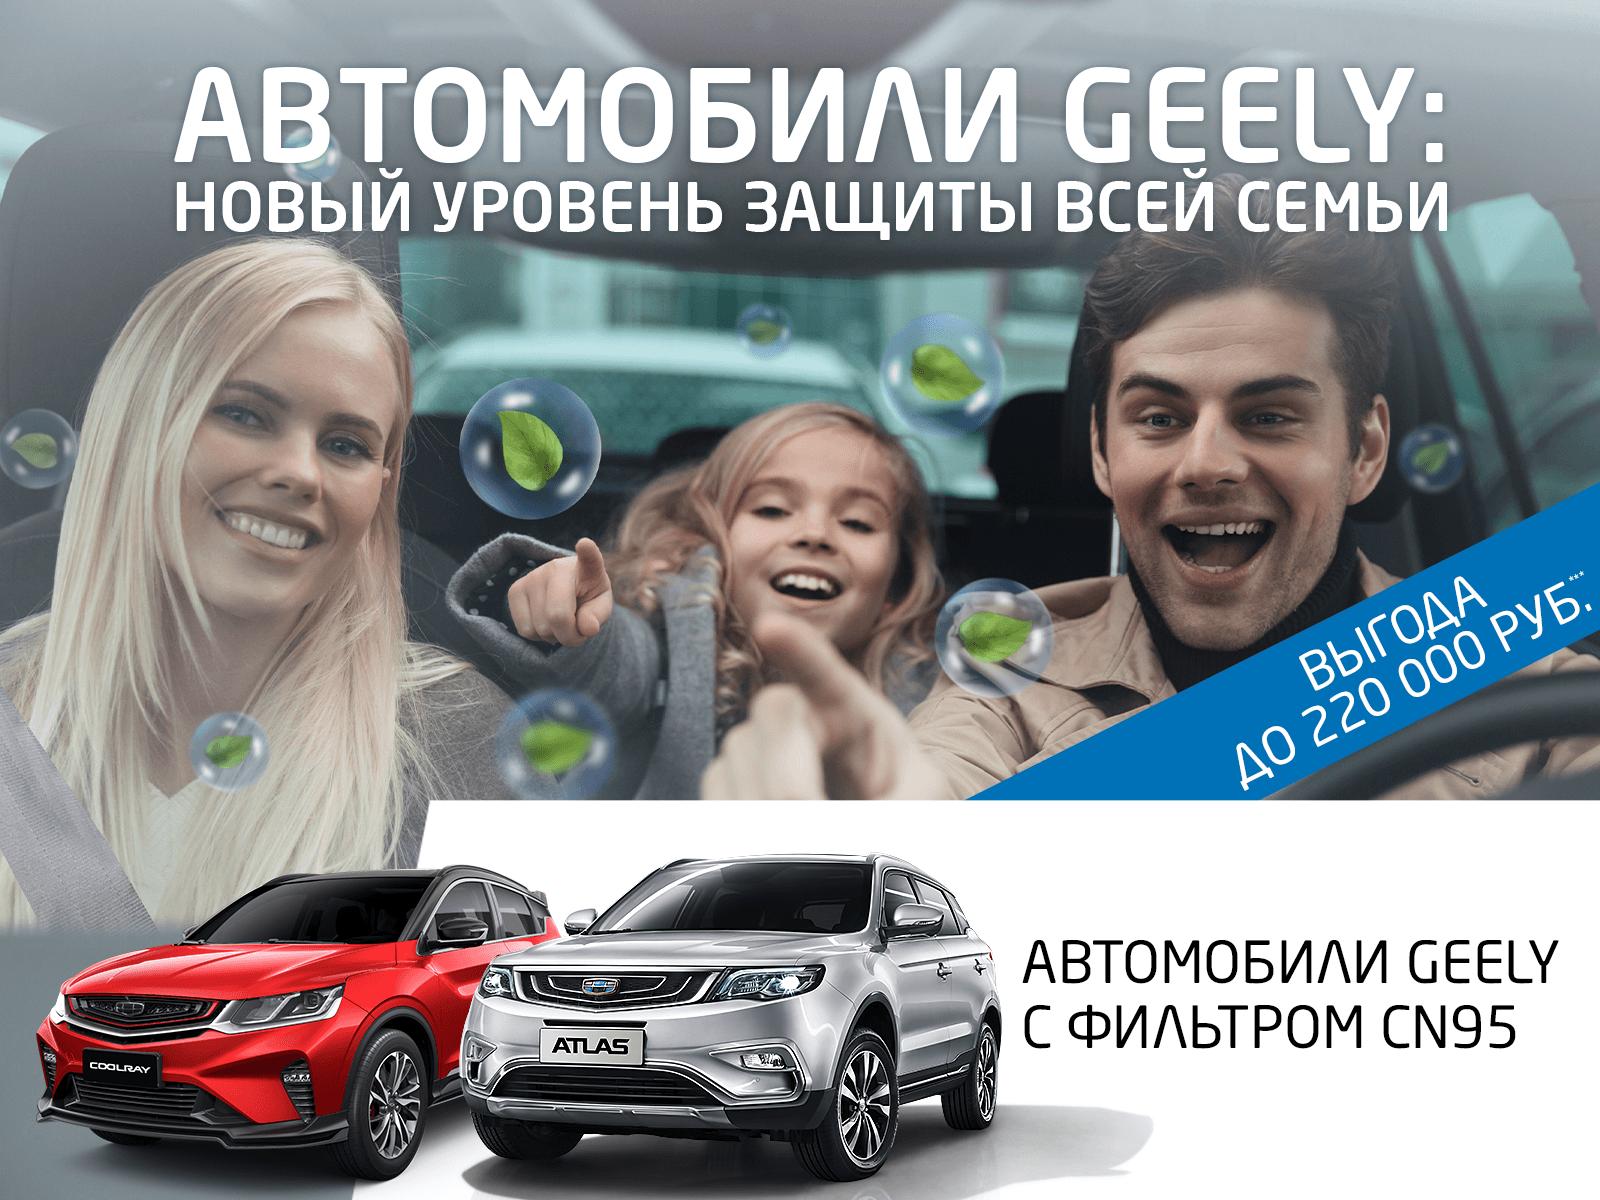 Выгодный автосалон в москве договор залога автомобиля между физическими лицами для займа